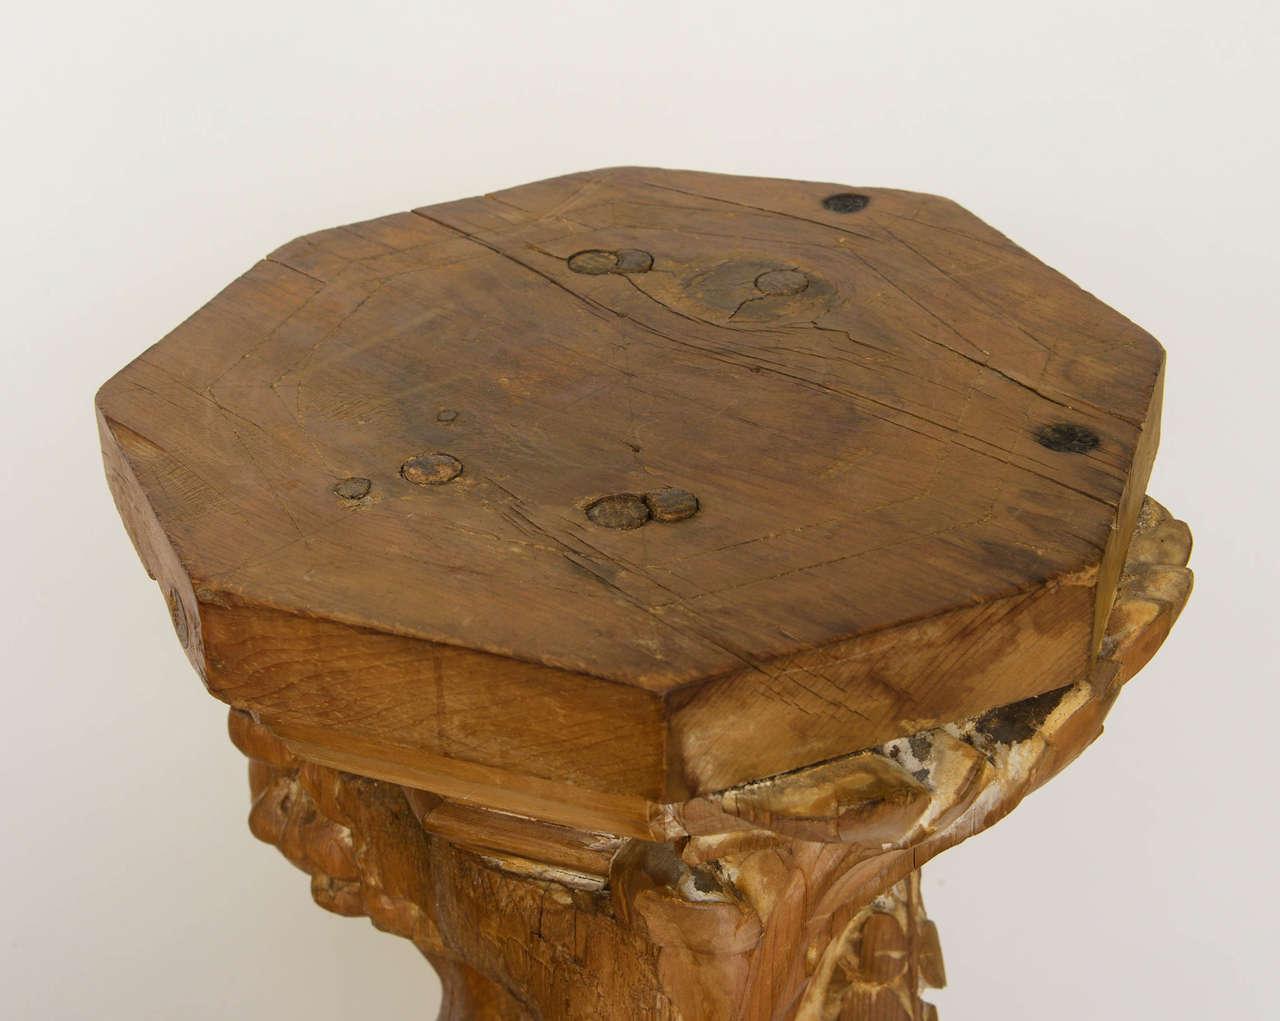 Art Nouveau Carved Wood Figural Pedestal Or Sculpture At